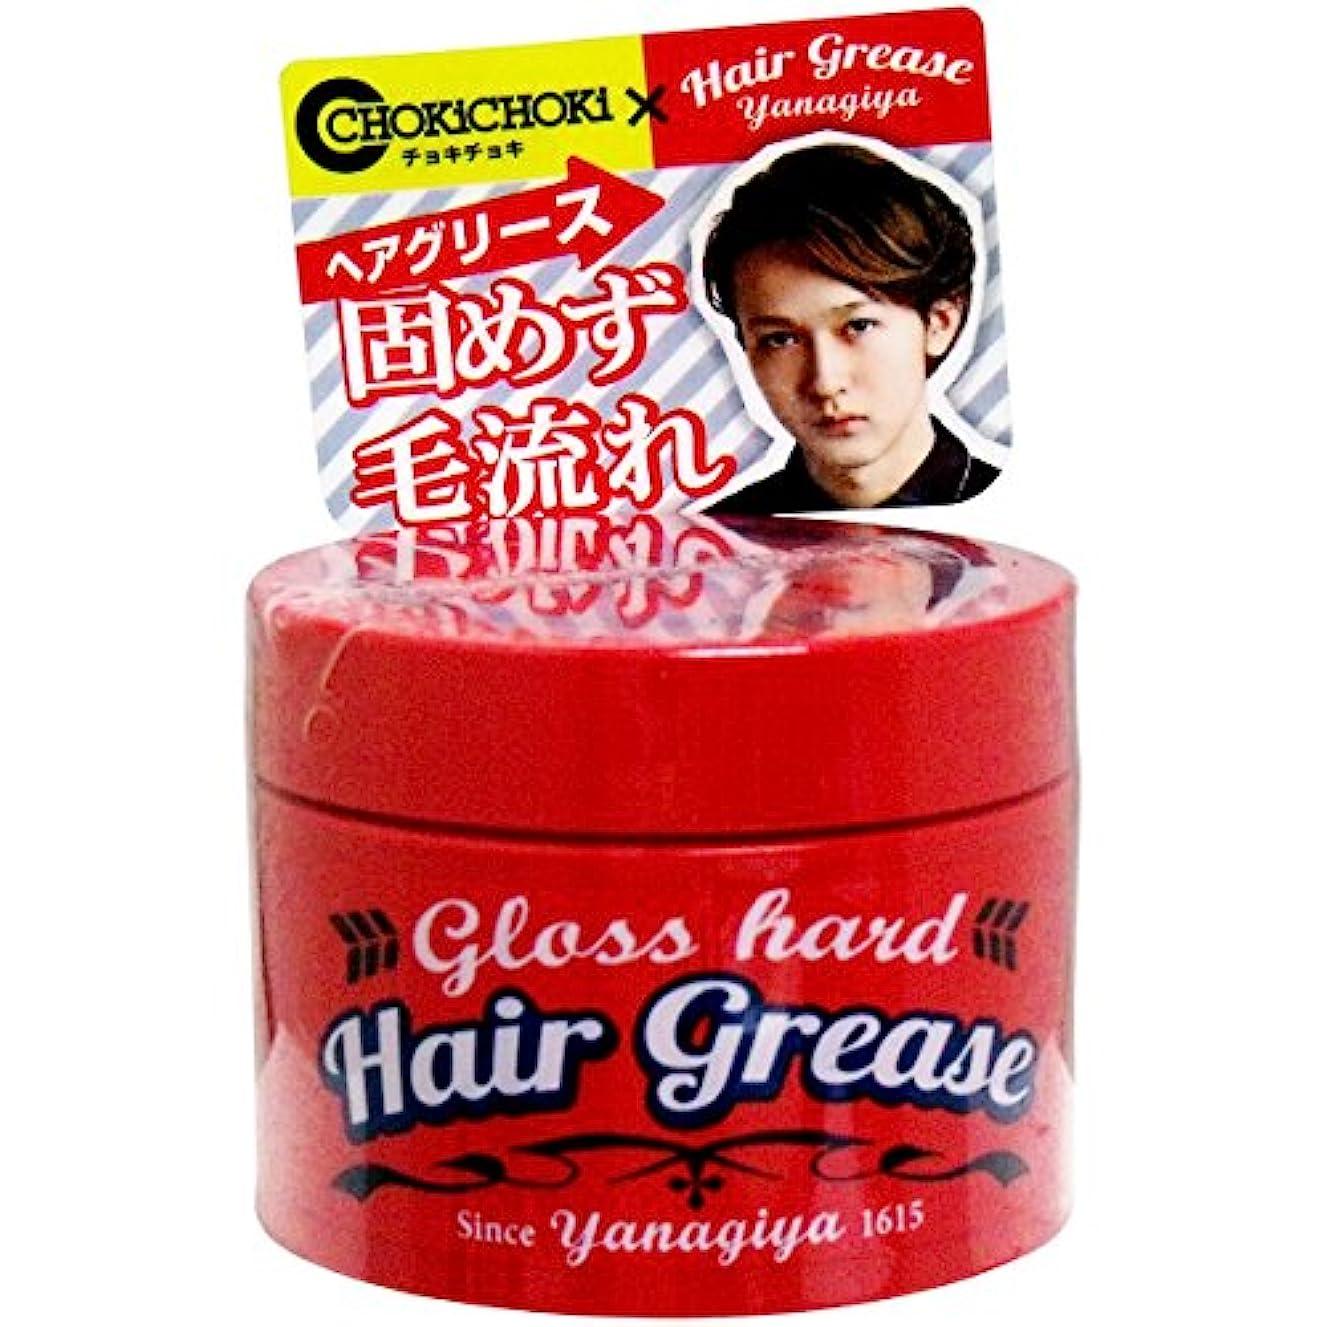 に渡ってする必要がある言語ヘアワックス 固めず毛流れ 使いやすい YANAGIYA ヘアグリース グロスハード 90g入【4個セット】